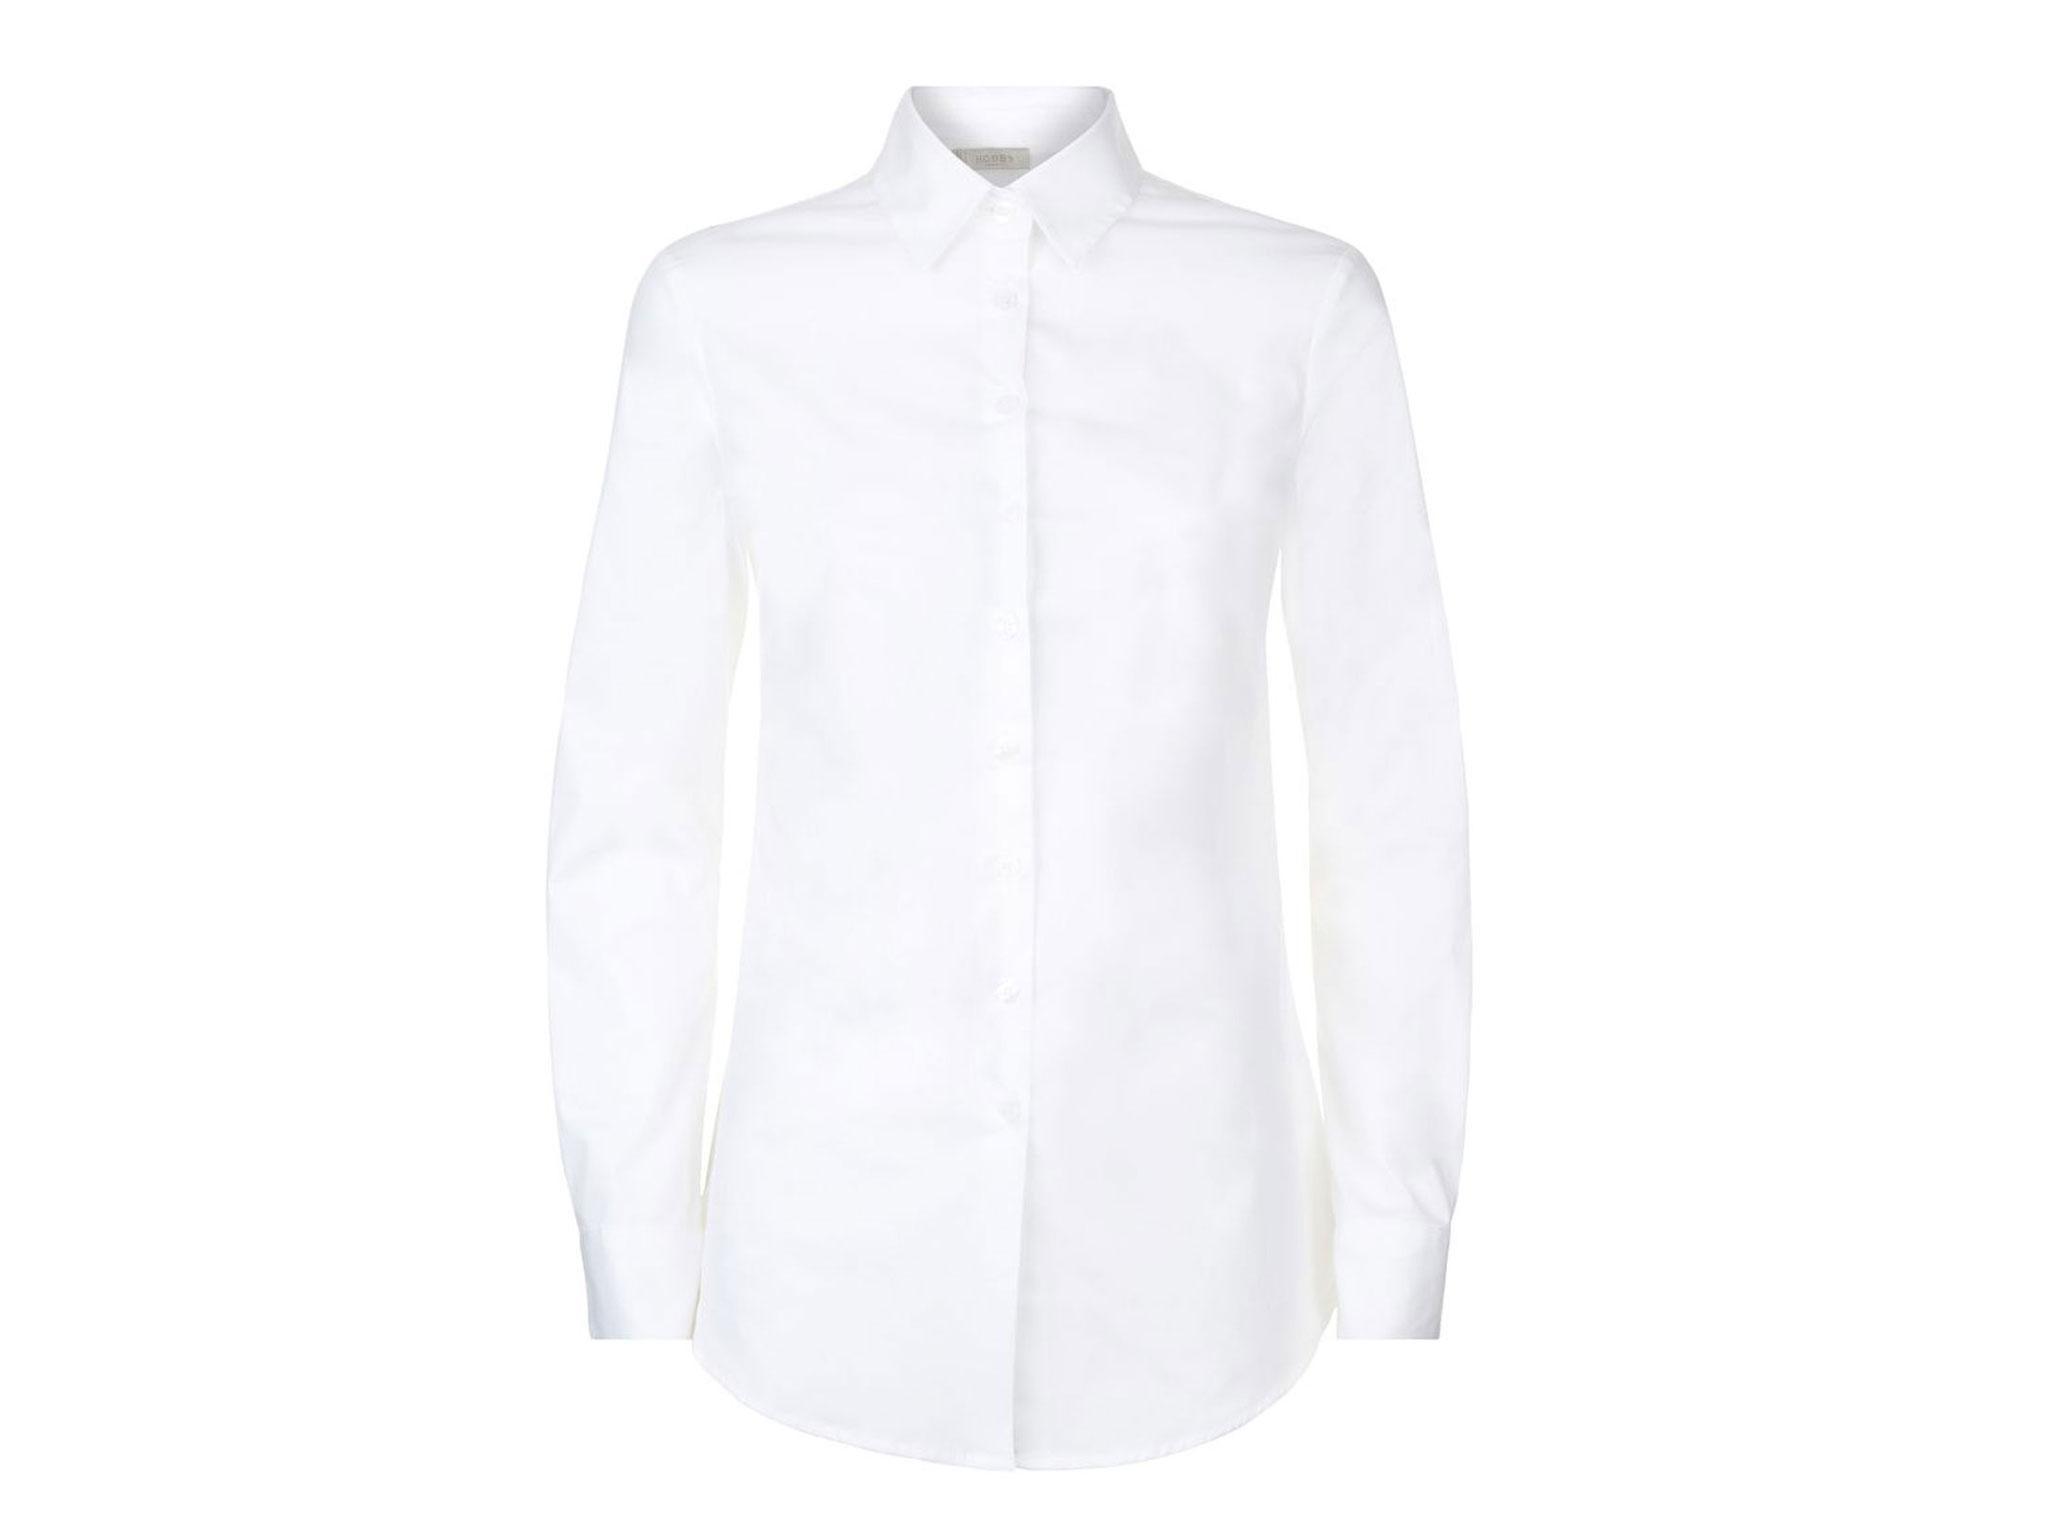 Hobbs Victoria Shirt 69 Hobbs